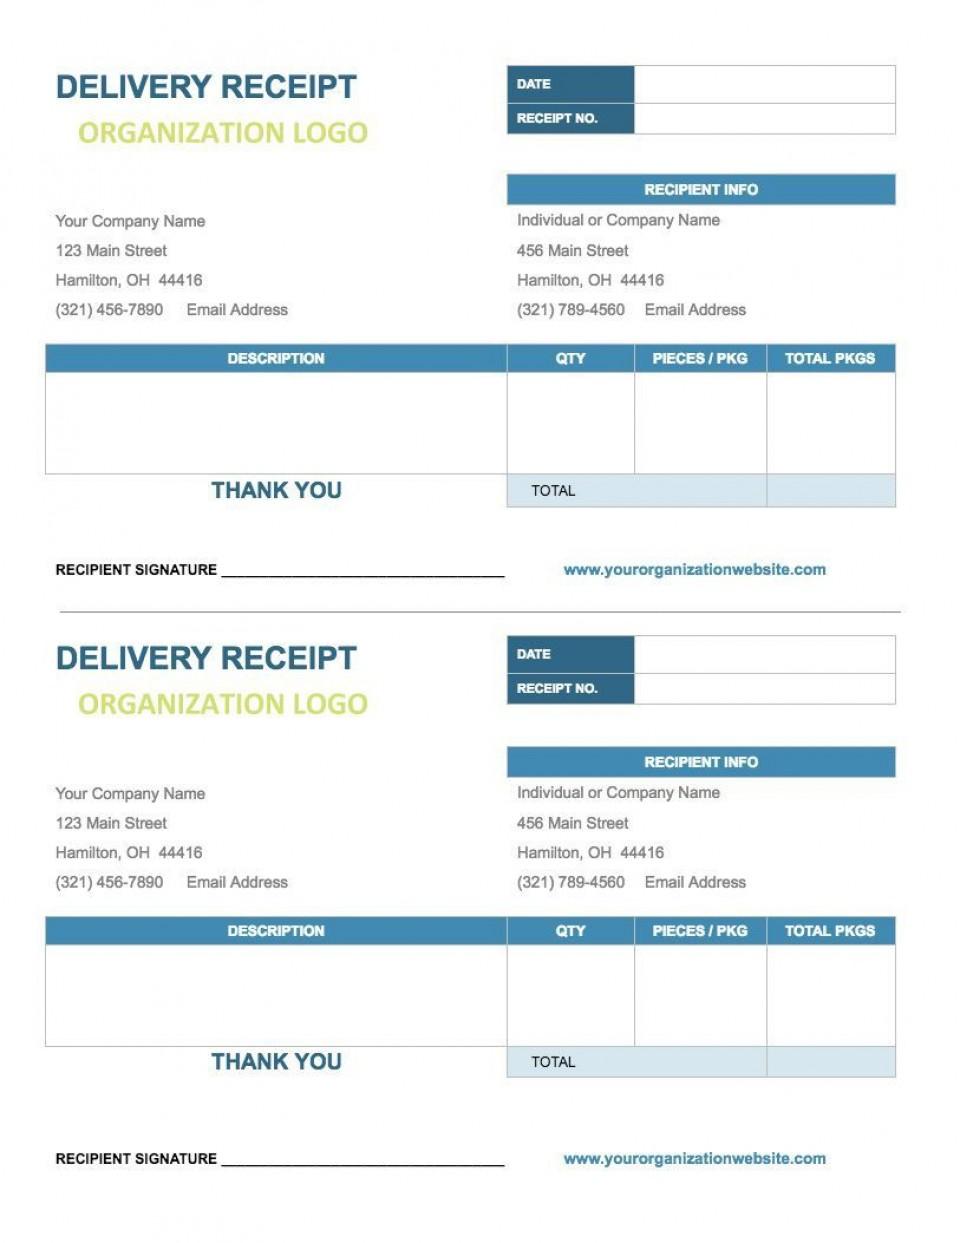 007 Unforgettable Receipt Template Google Doc Highest Quality  Rent Cash Donation960